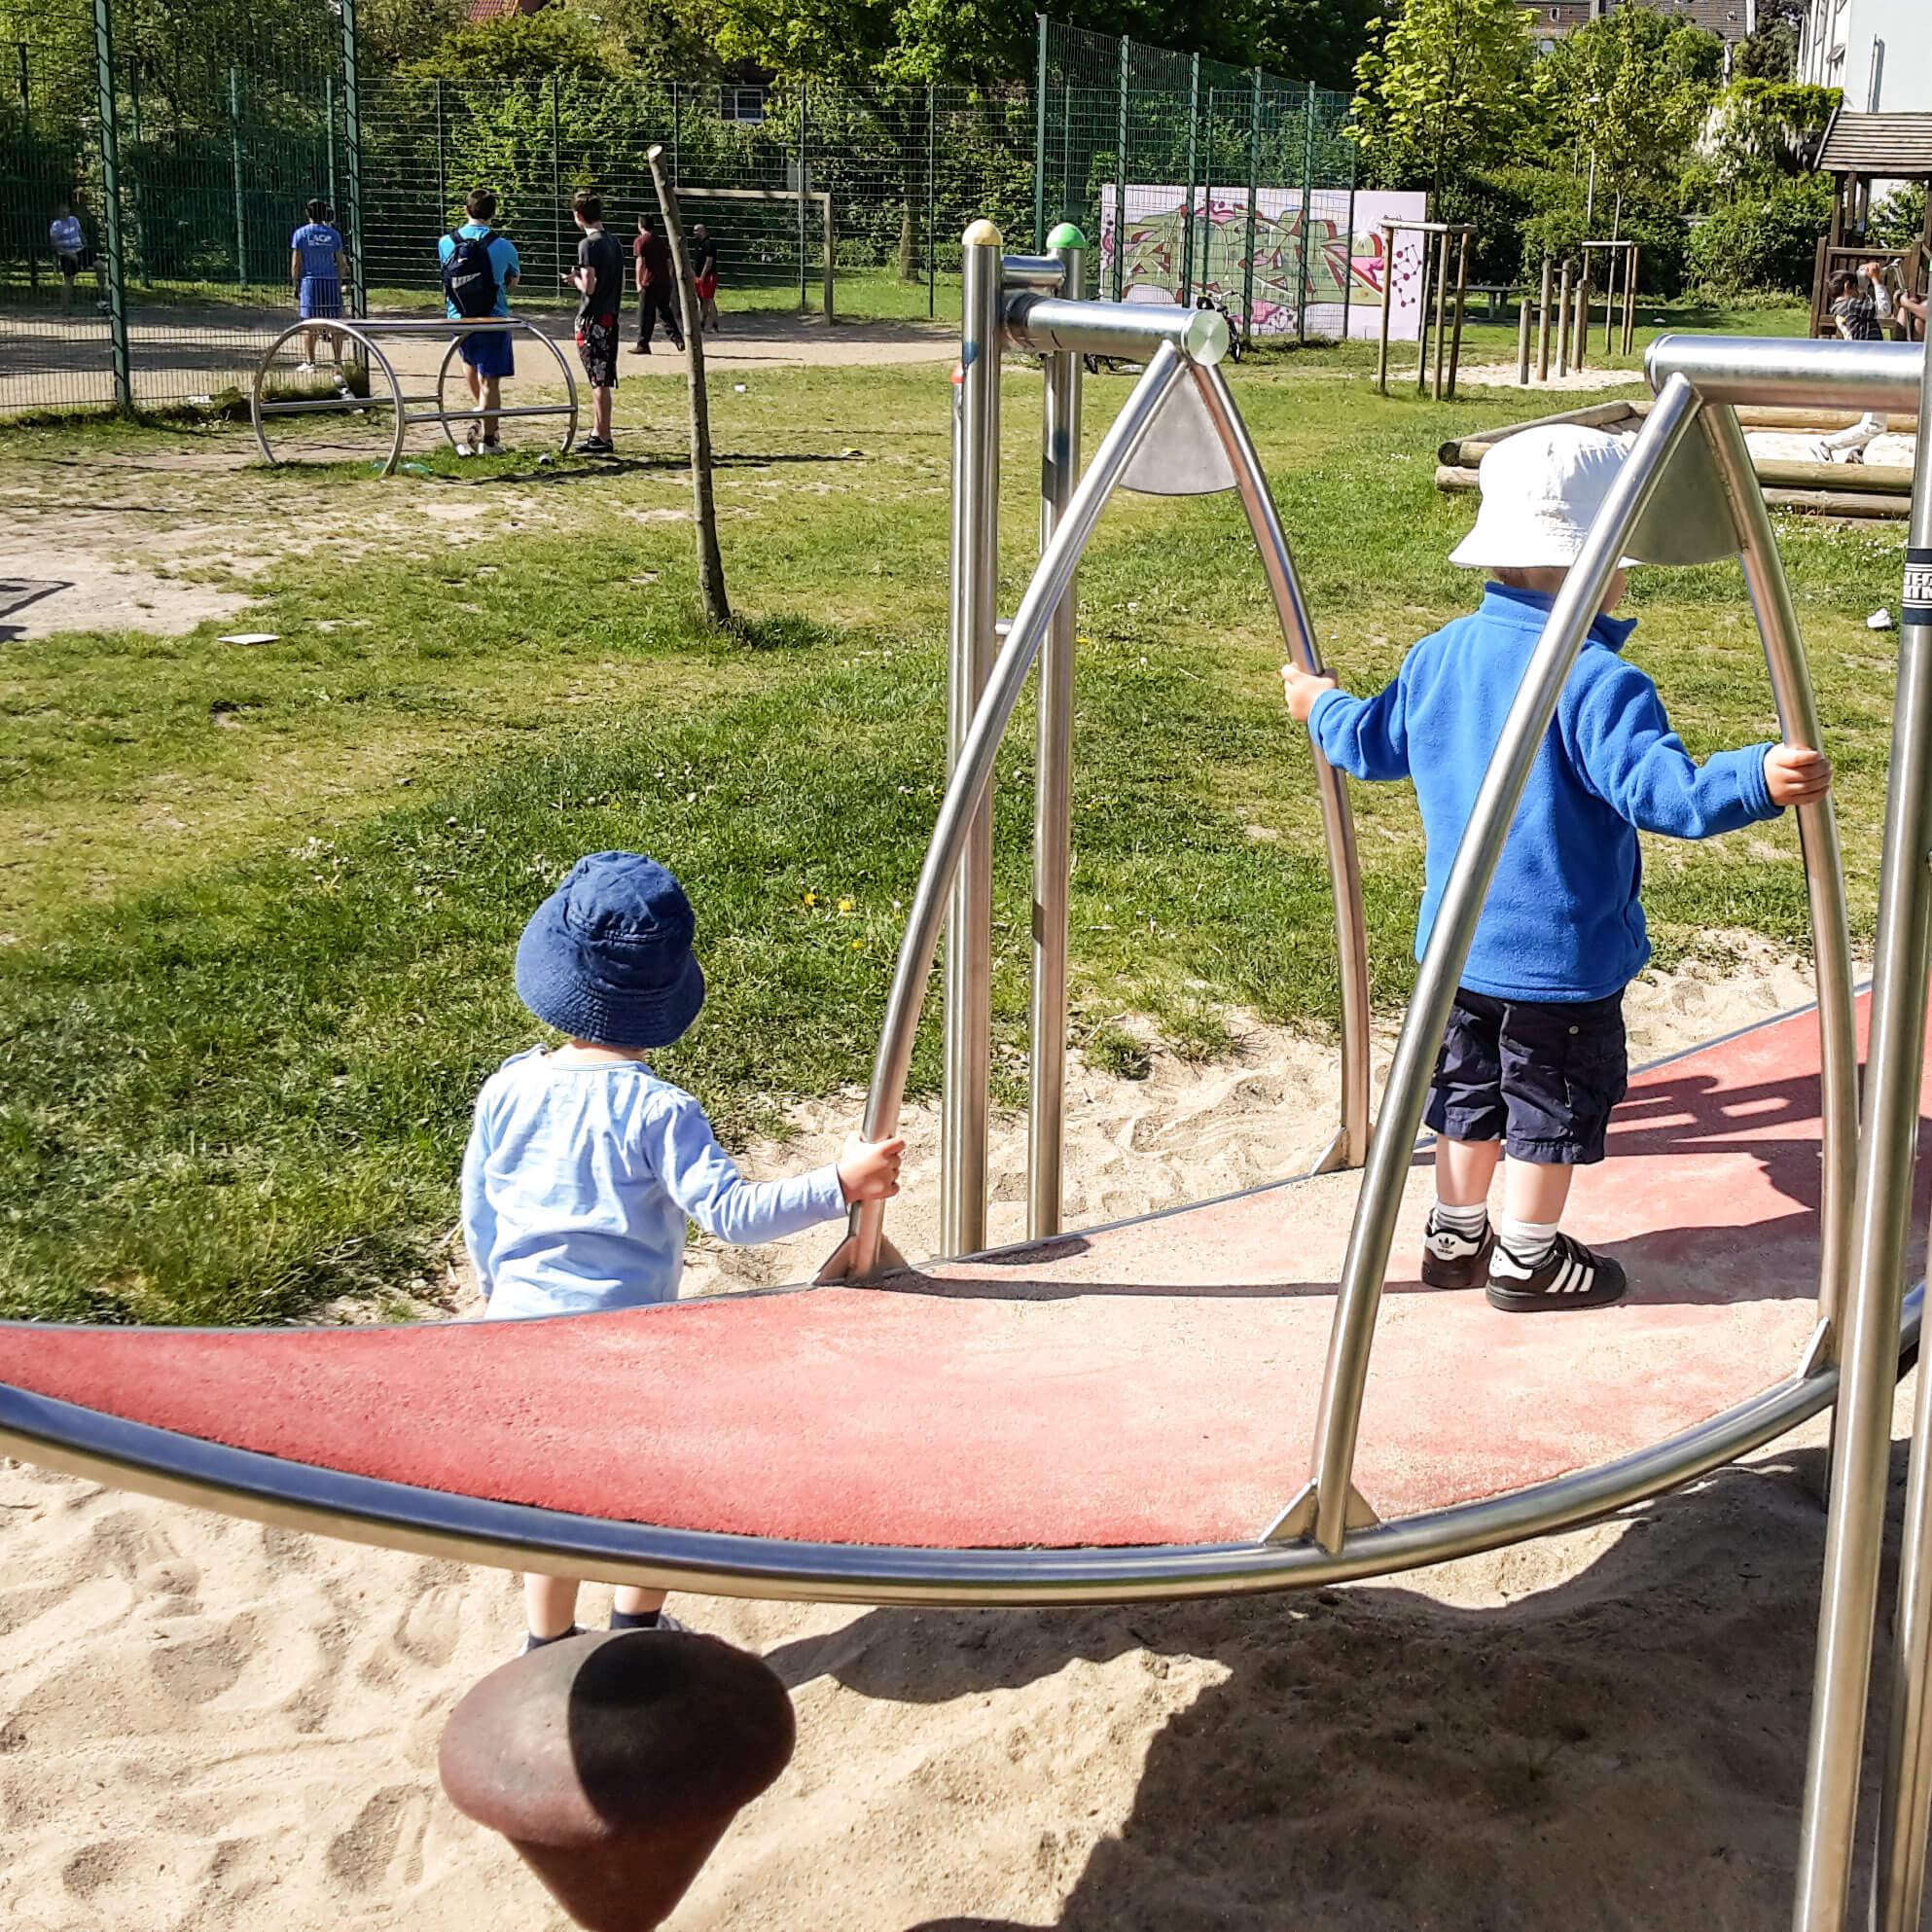 Spielplatz modern